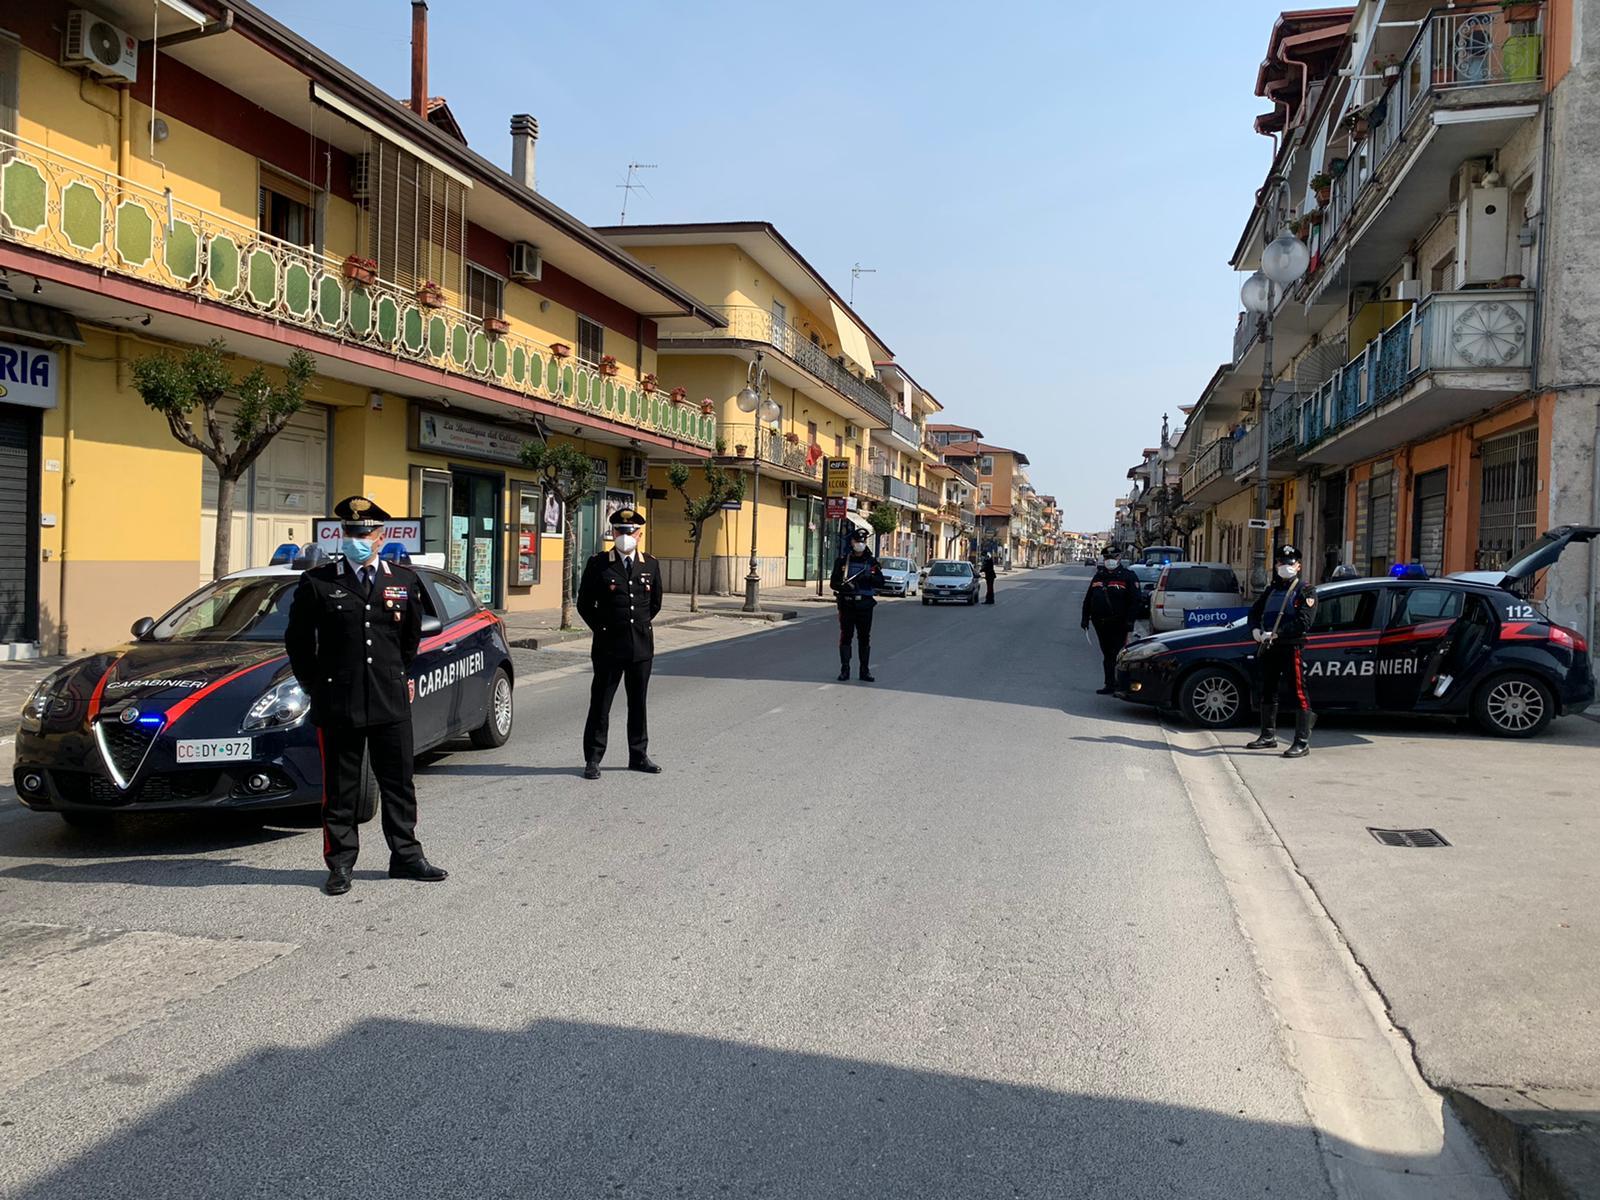 Furto di energia elettrica durante il lockdown, i carabinieri denunciano 4 persone: si erano collegate ad un negozio chiuso